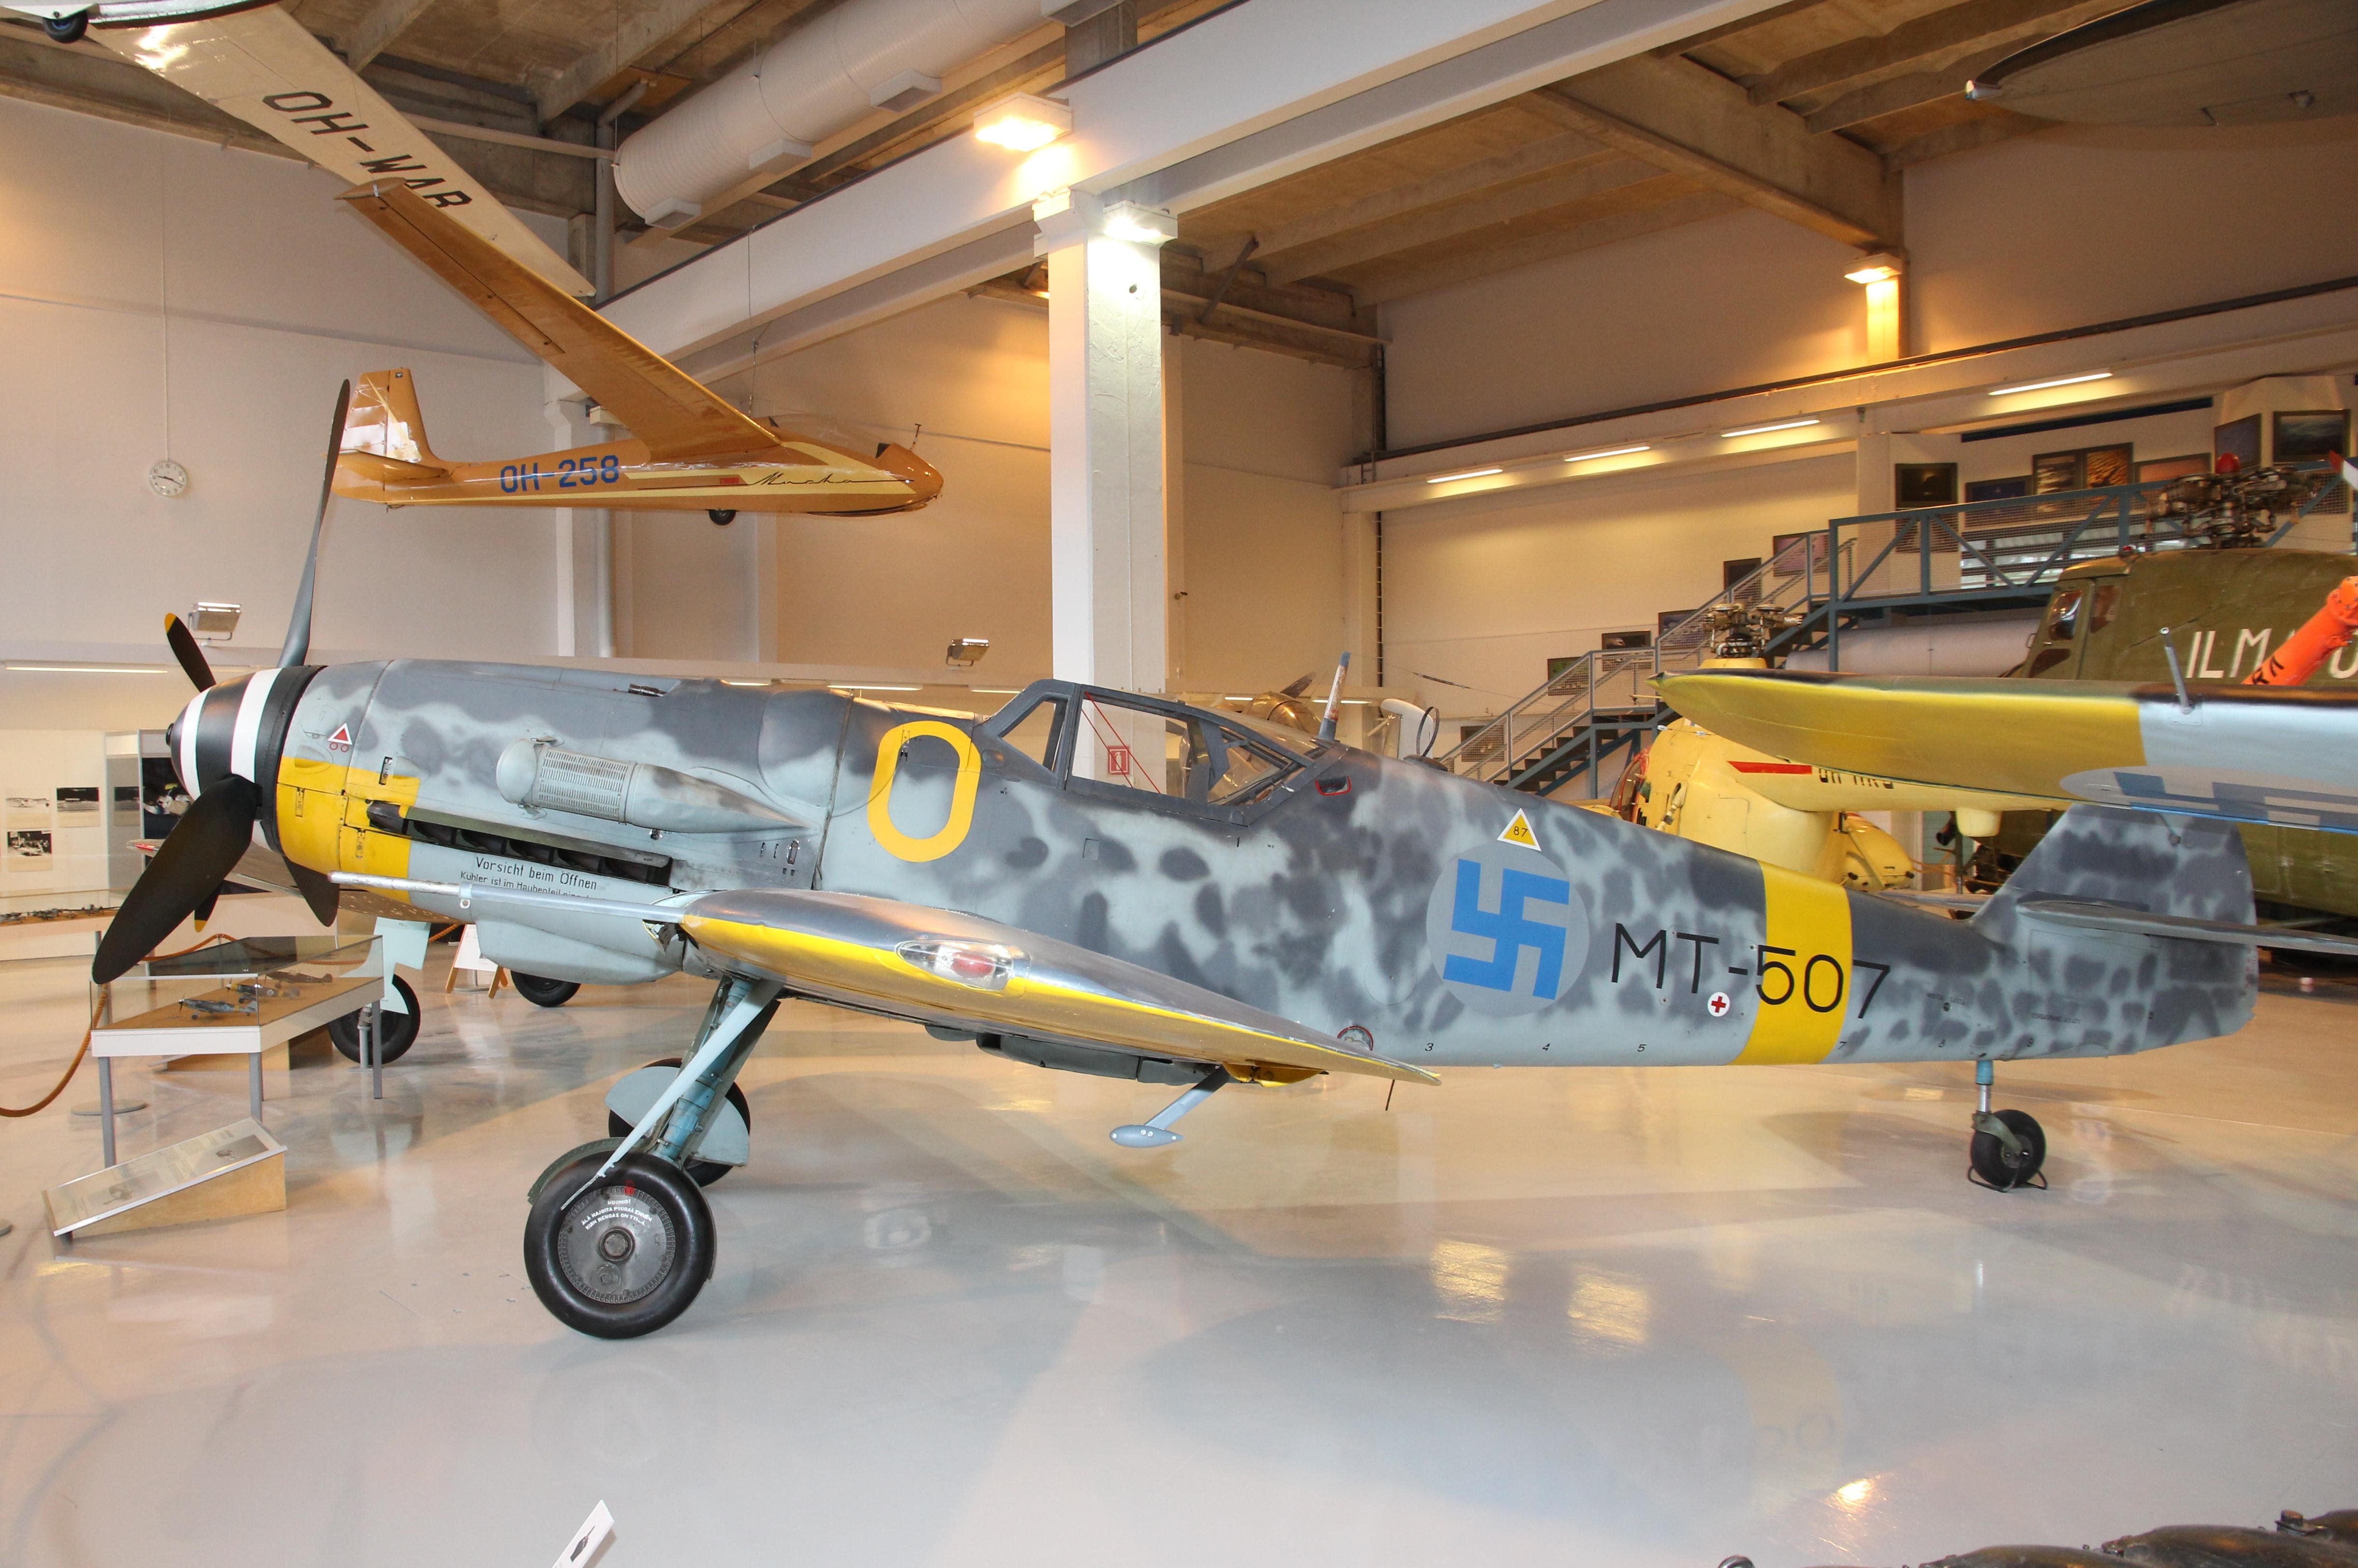 Messerschmitt_Bf_109_G-6_%28MT-507%29_Ke